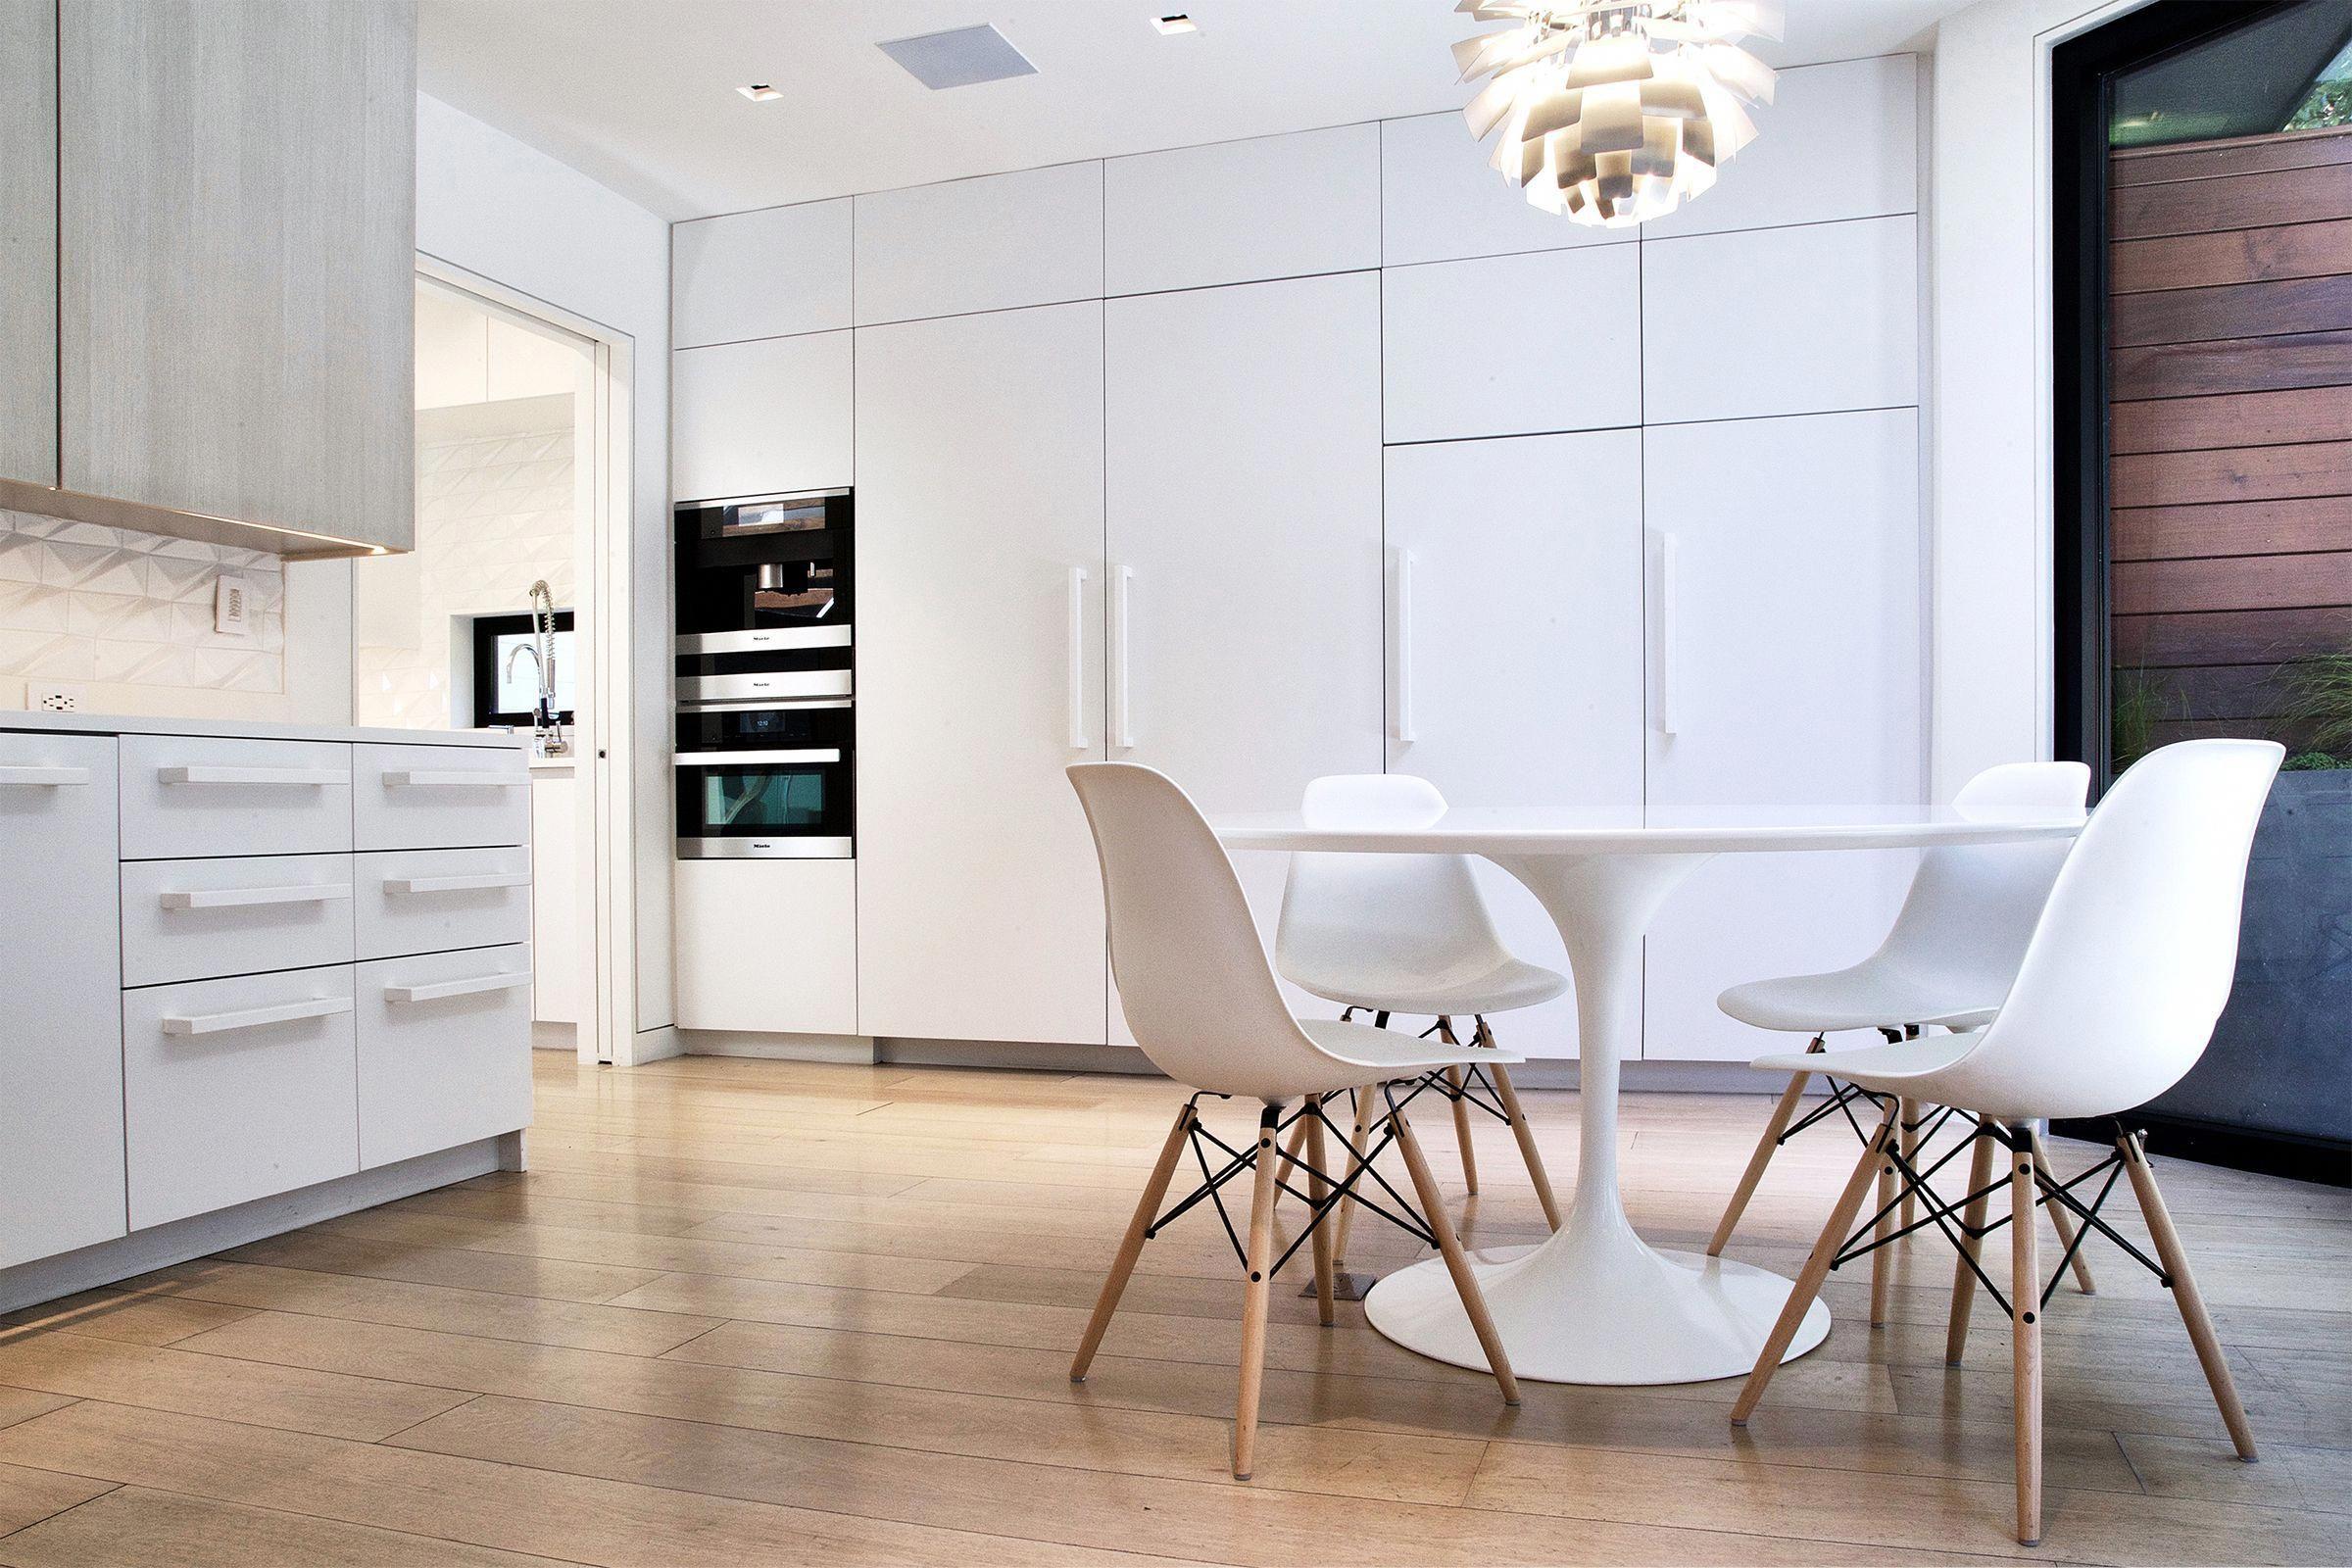 Breakfast Room   Saarinen Tulip Table, Eames Side Chairs, Miele Appliances,  Louis Poulsen